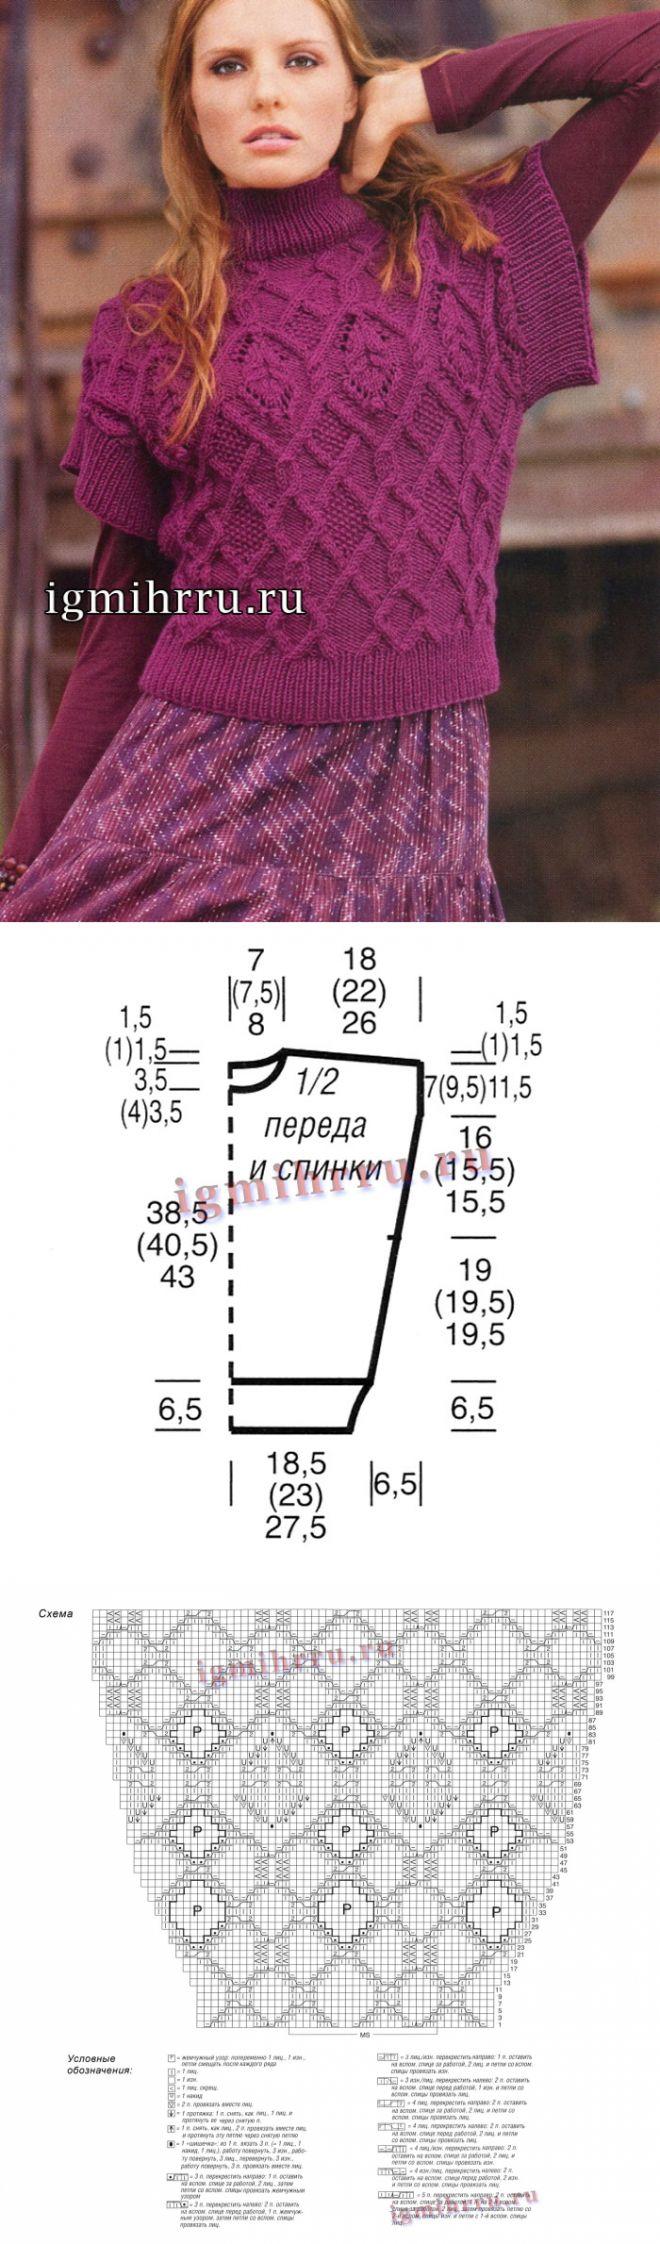 Узорчатый шерстяной пуловер цвета цикламена. Вязание спицами